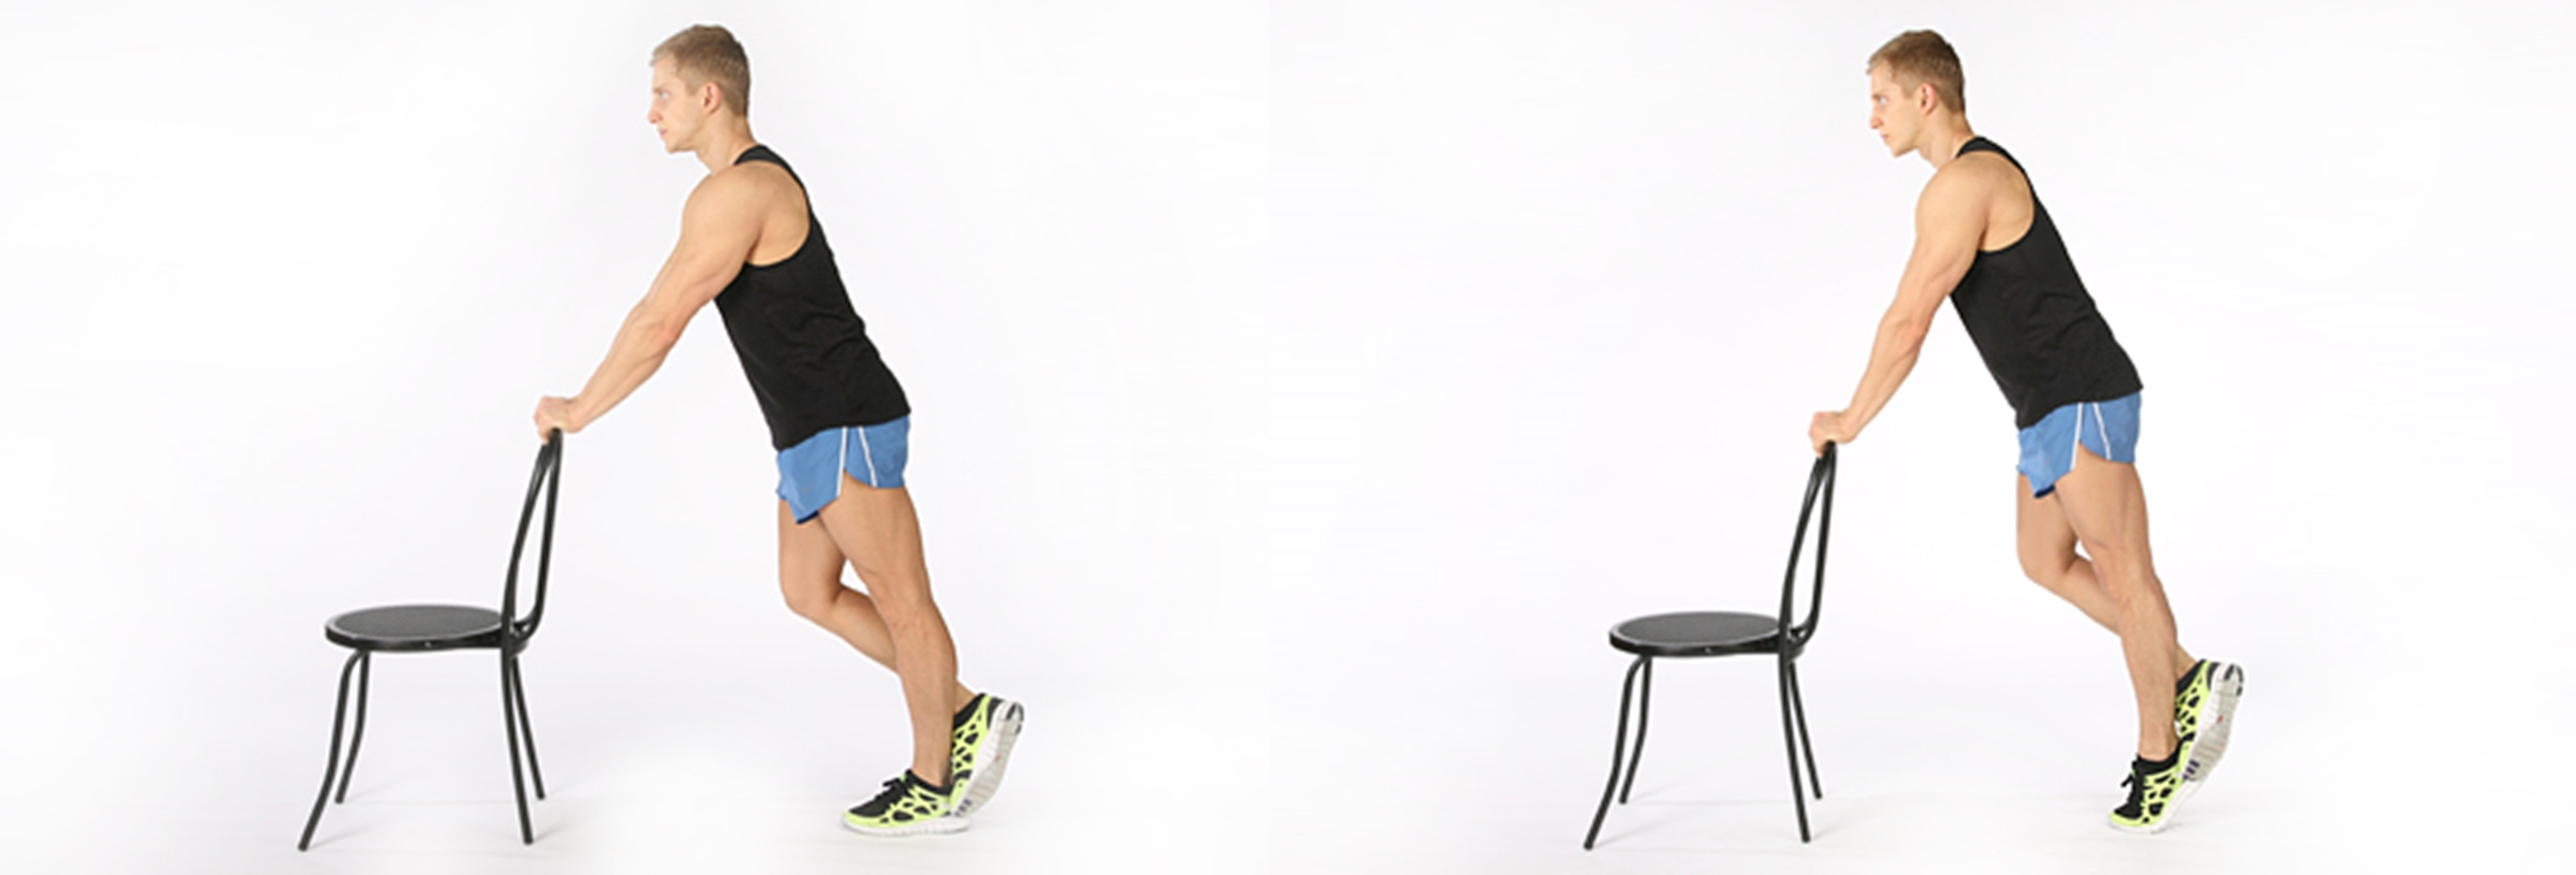 Тренировки в домашних условиях и фото